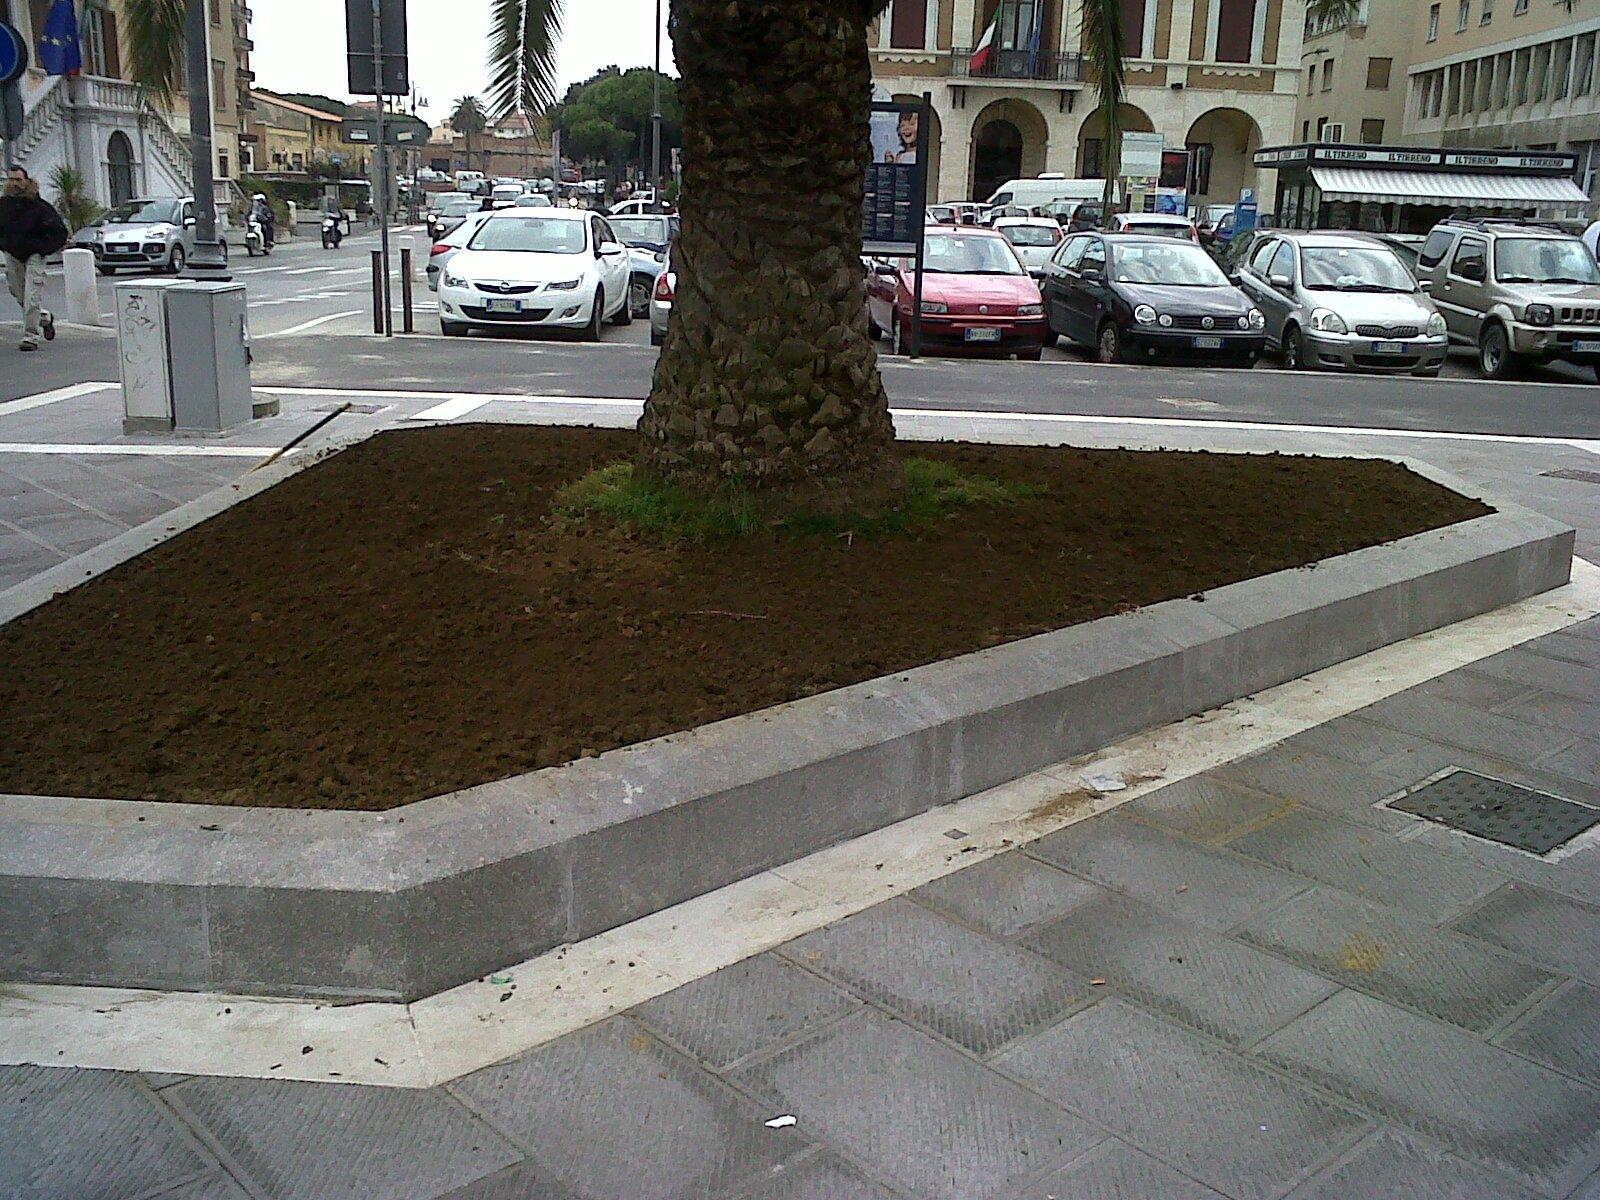 un'aiuola su un marciapiede con un albero e più avanti un parcheggio con delle macchine